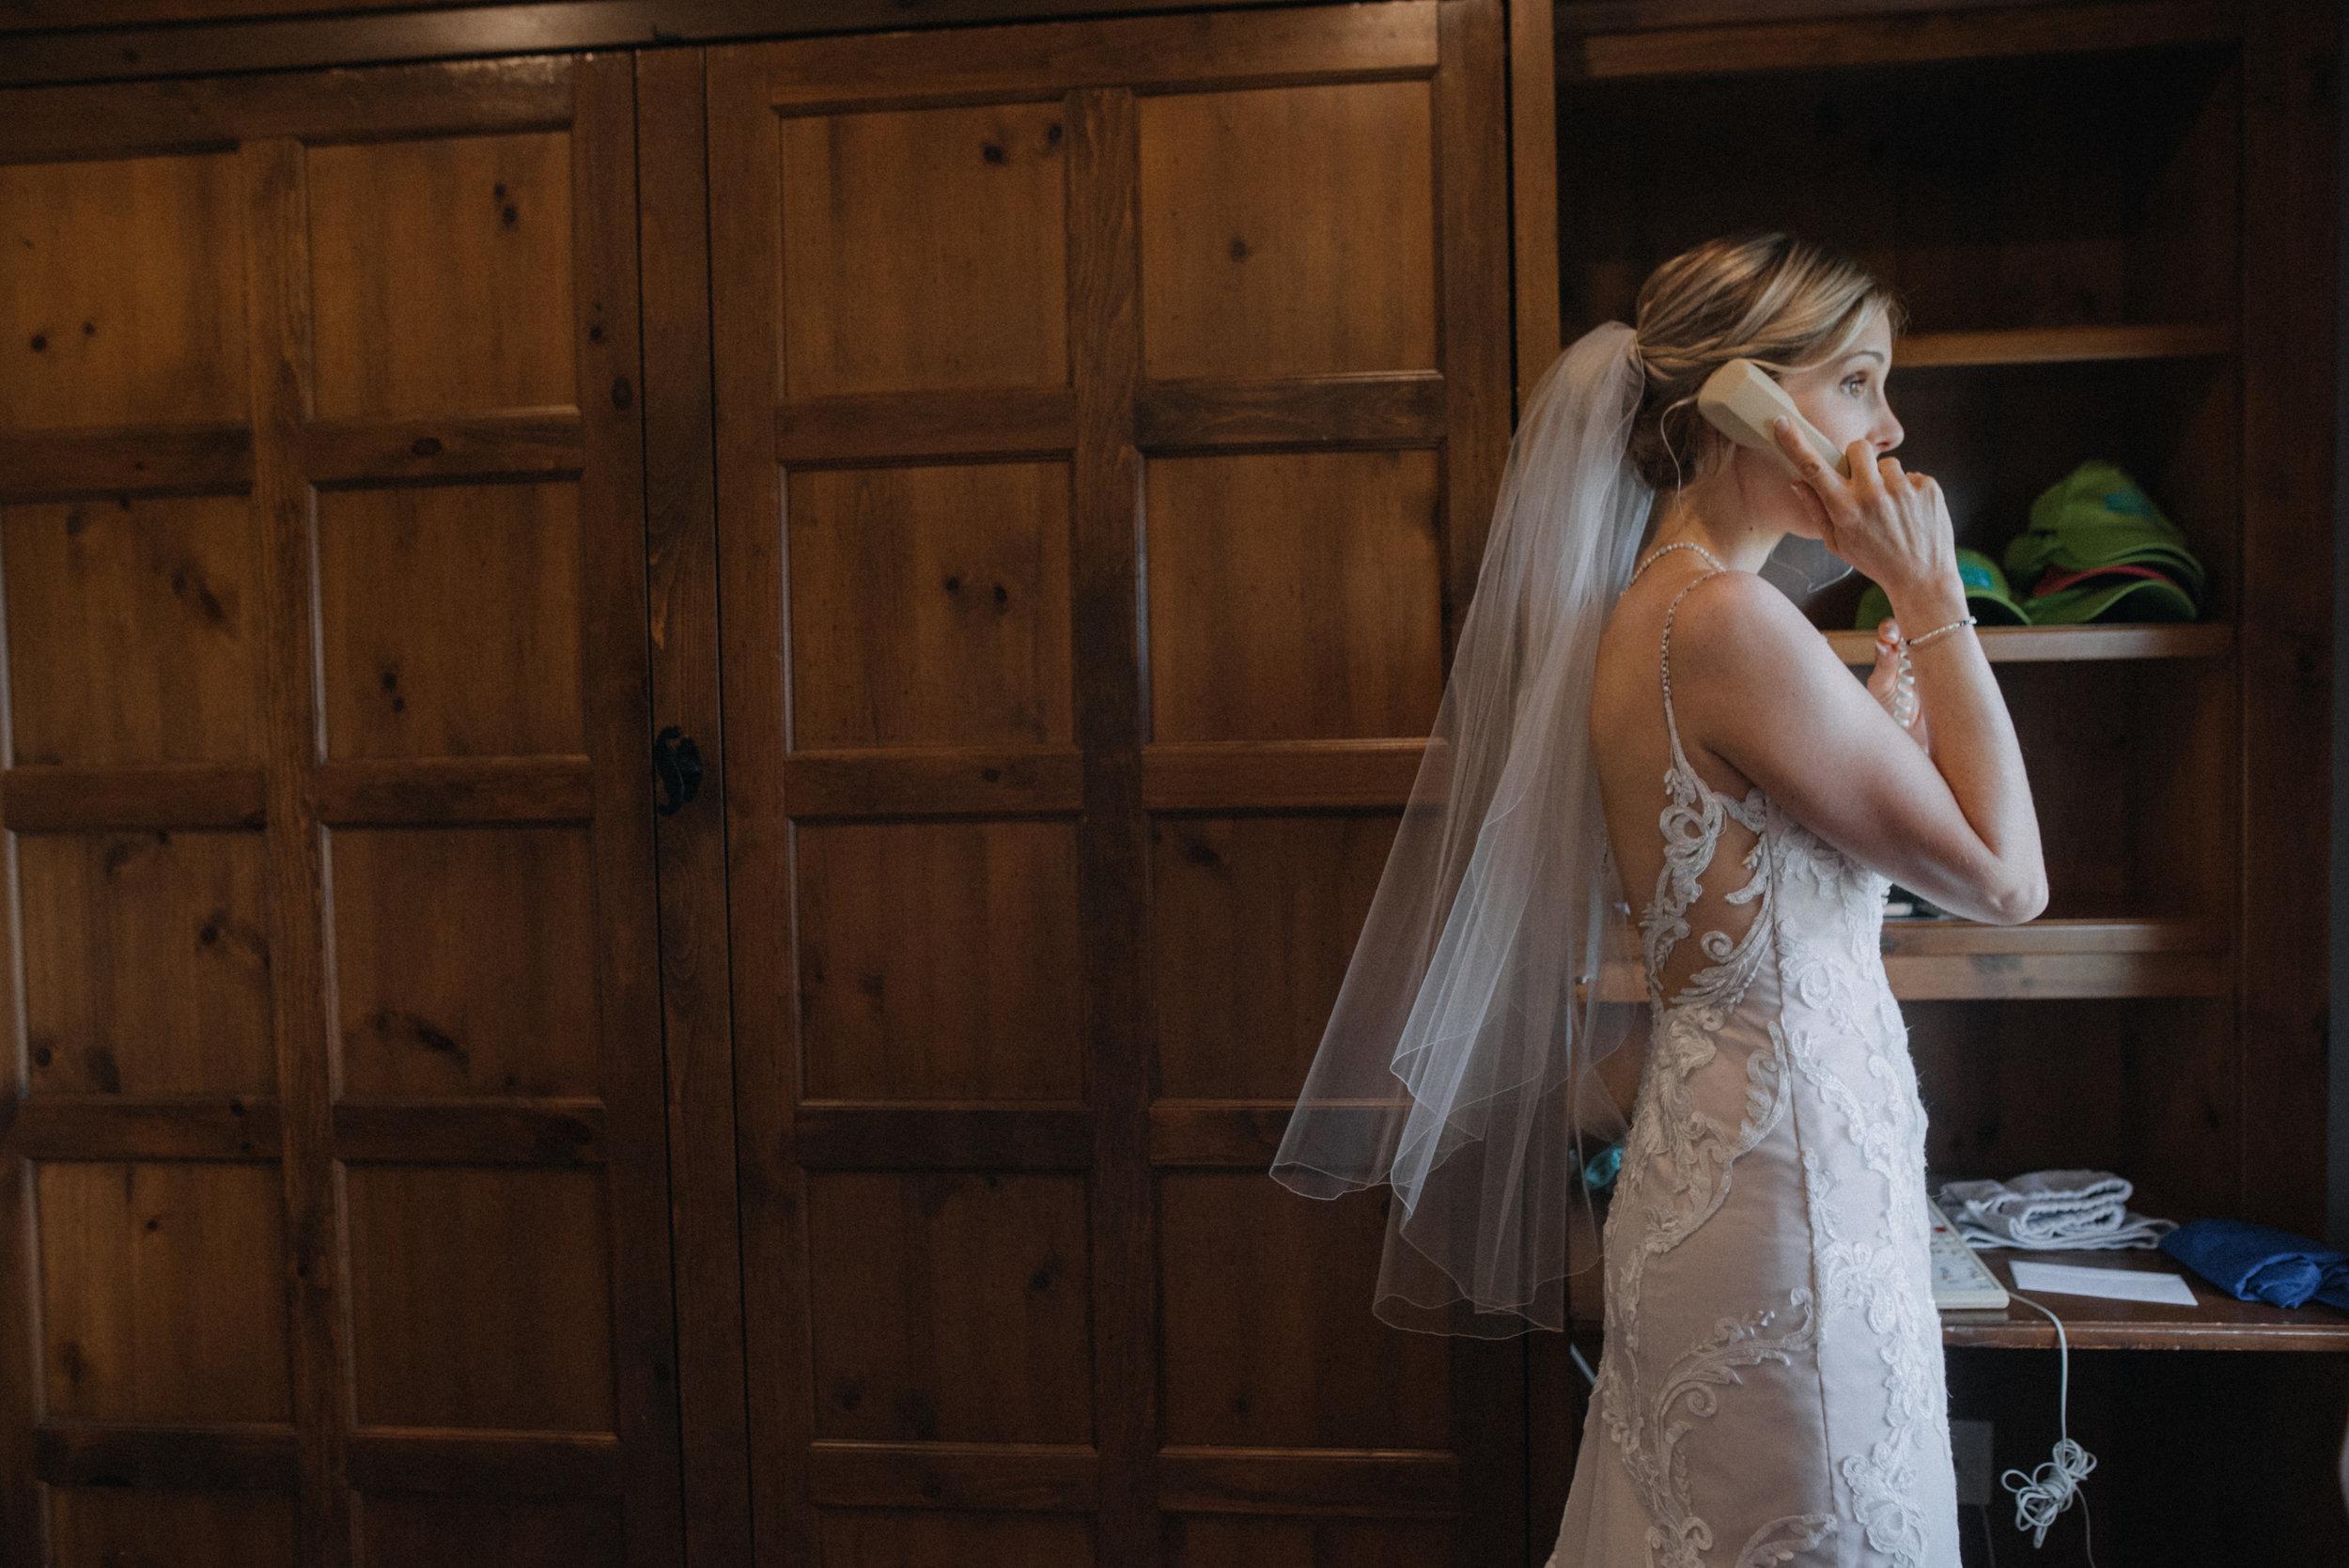 gatineau_photographe_mariage_ottawa_wedding_photography_documentary_candid_unposed_lifestyle_photography_photographie_613_family_famille (31).jpg